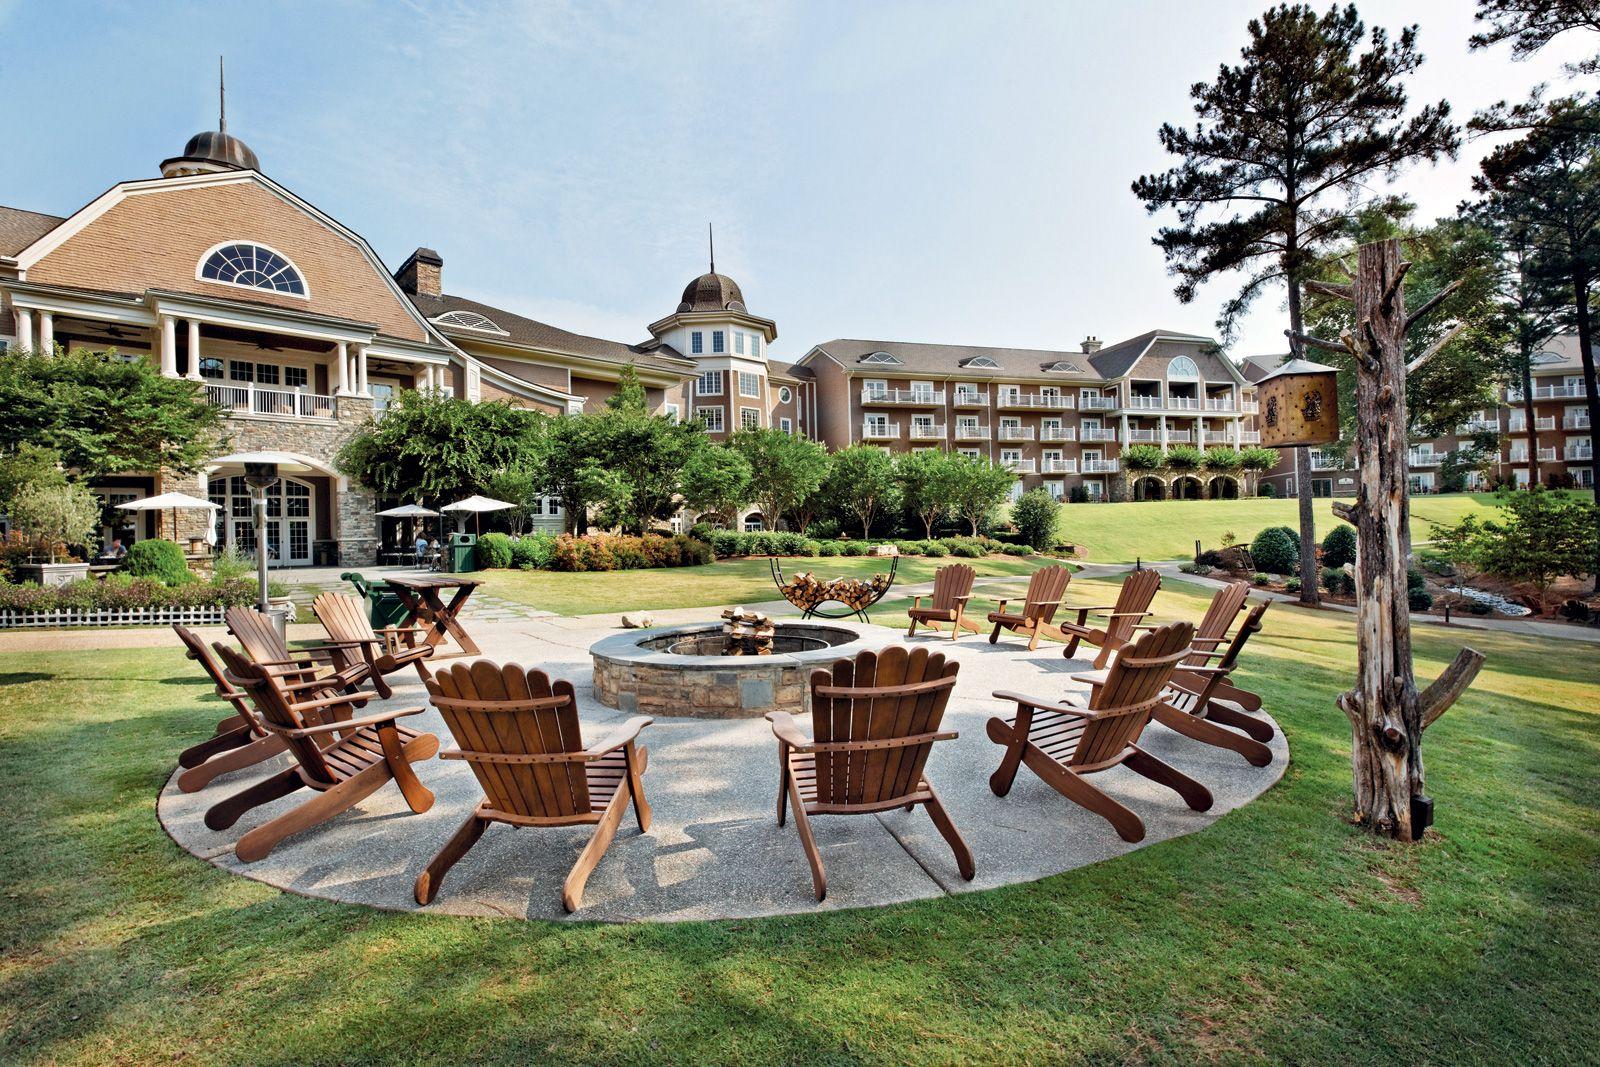 12 Amazing Adventures to Do in 2017 Lake oconee, Ritz